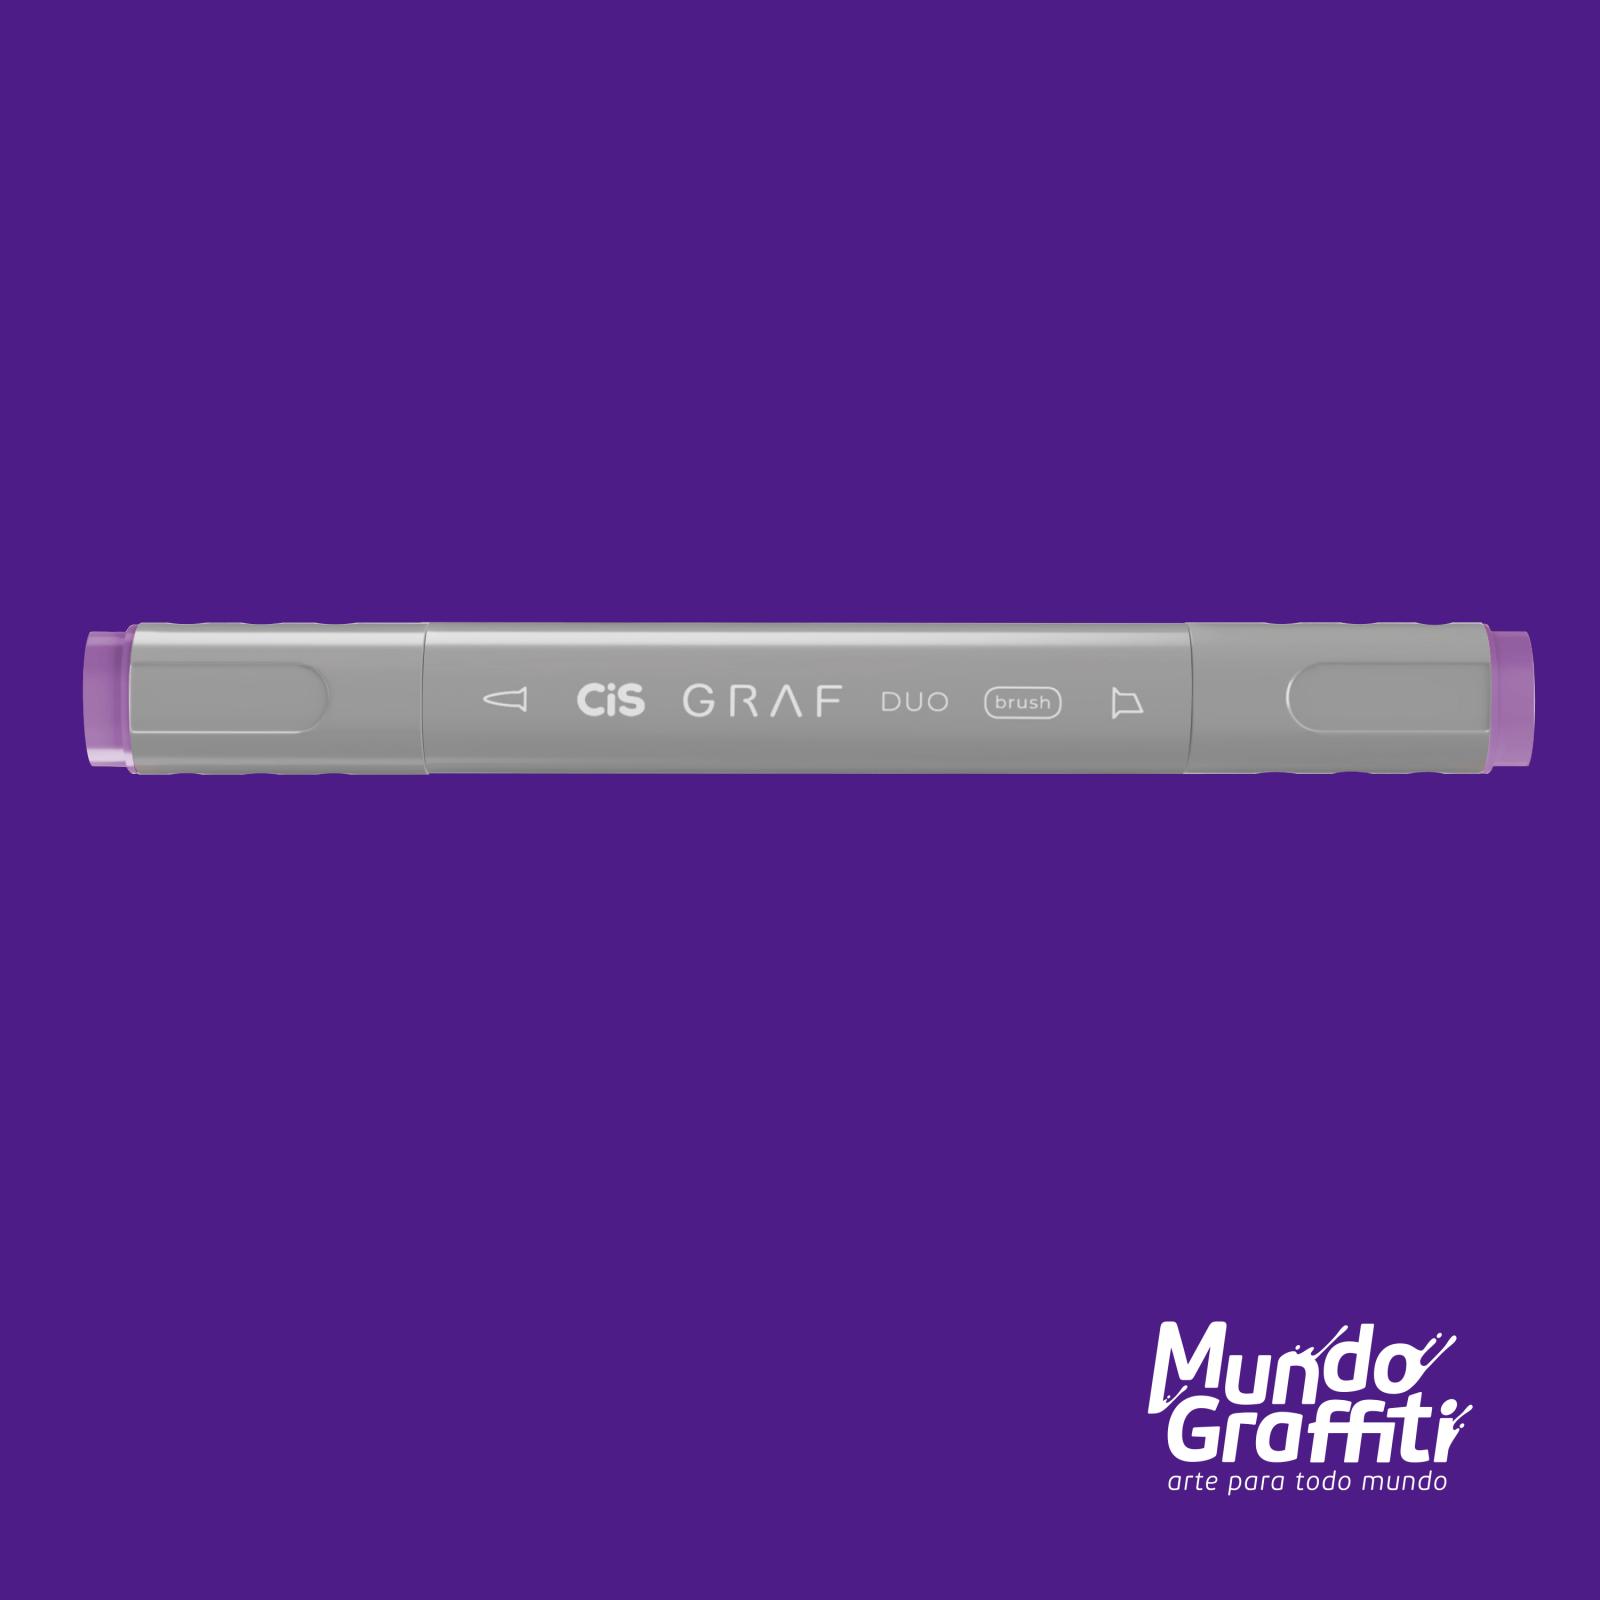 Marcador Cis Graf Duo Brush Light Violet 82 - Mundo Graffiti